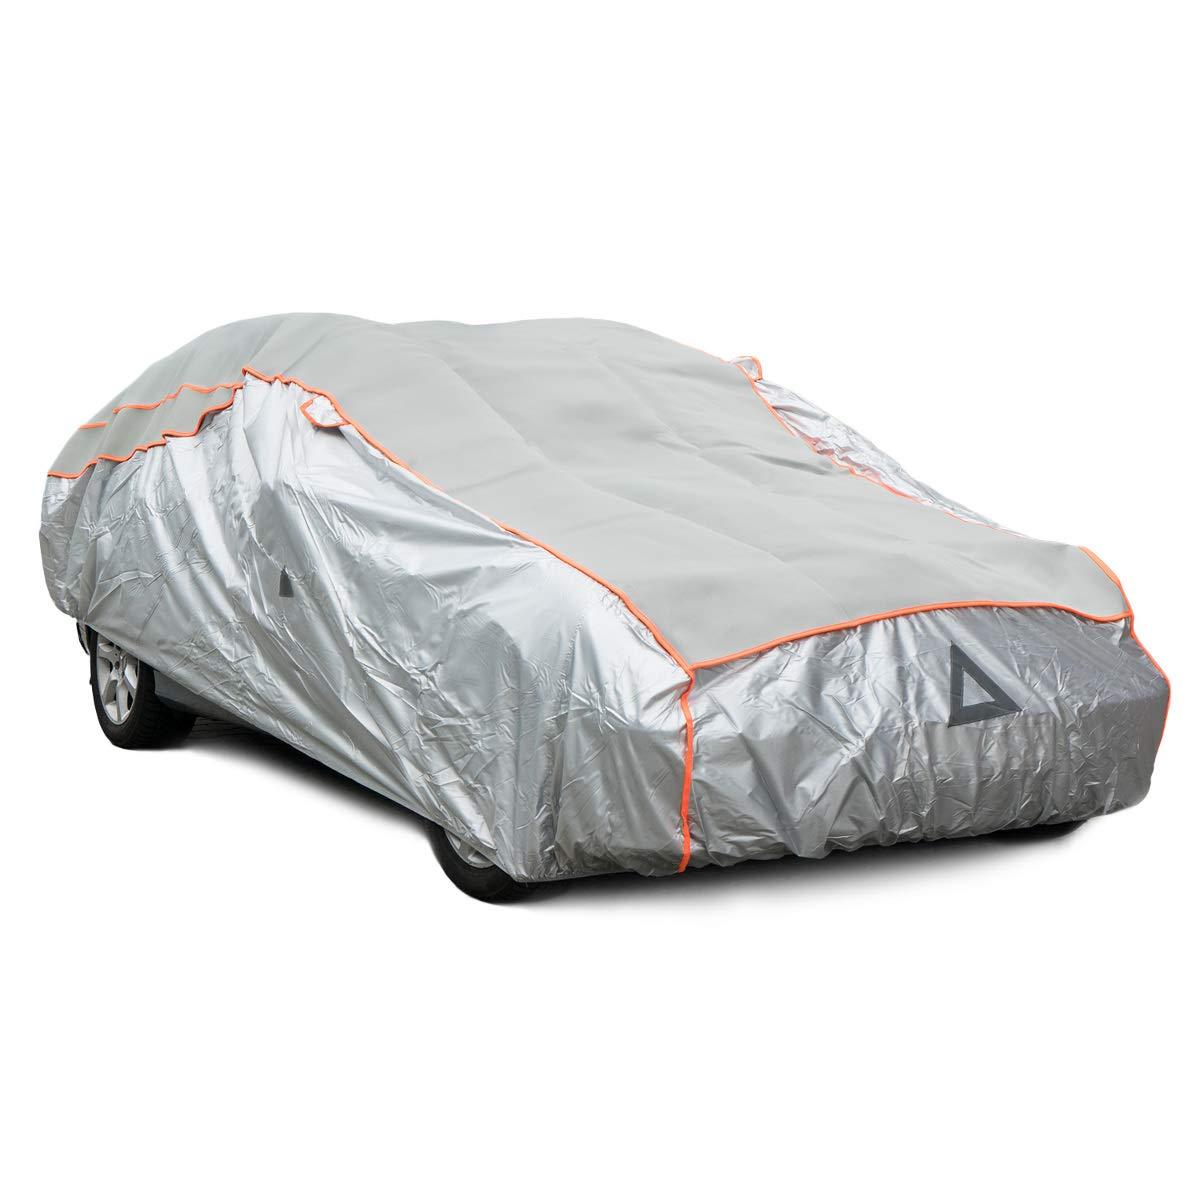 Navaris Bâche de Protection Voiture – Housse Anti-Grêle Taille M pour Auto – Couverture Étanche pour Carrosserie Véhicule en Hiver Extérieur